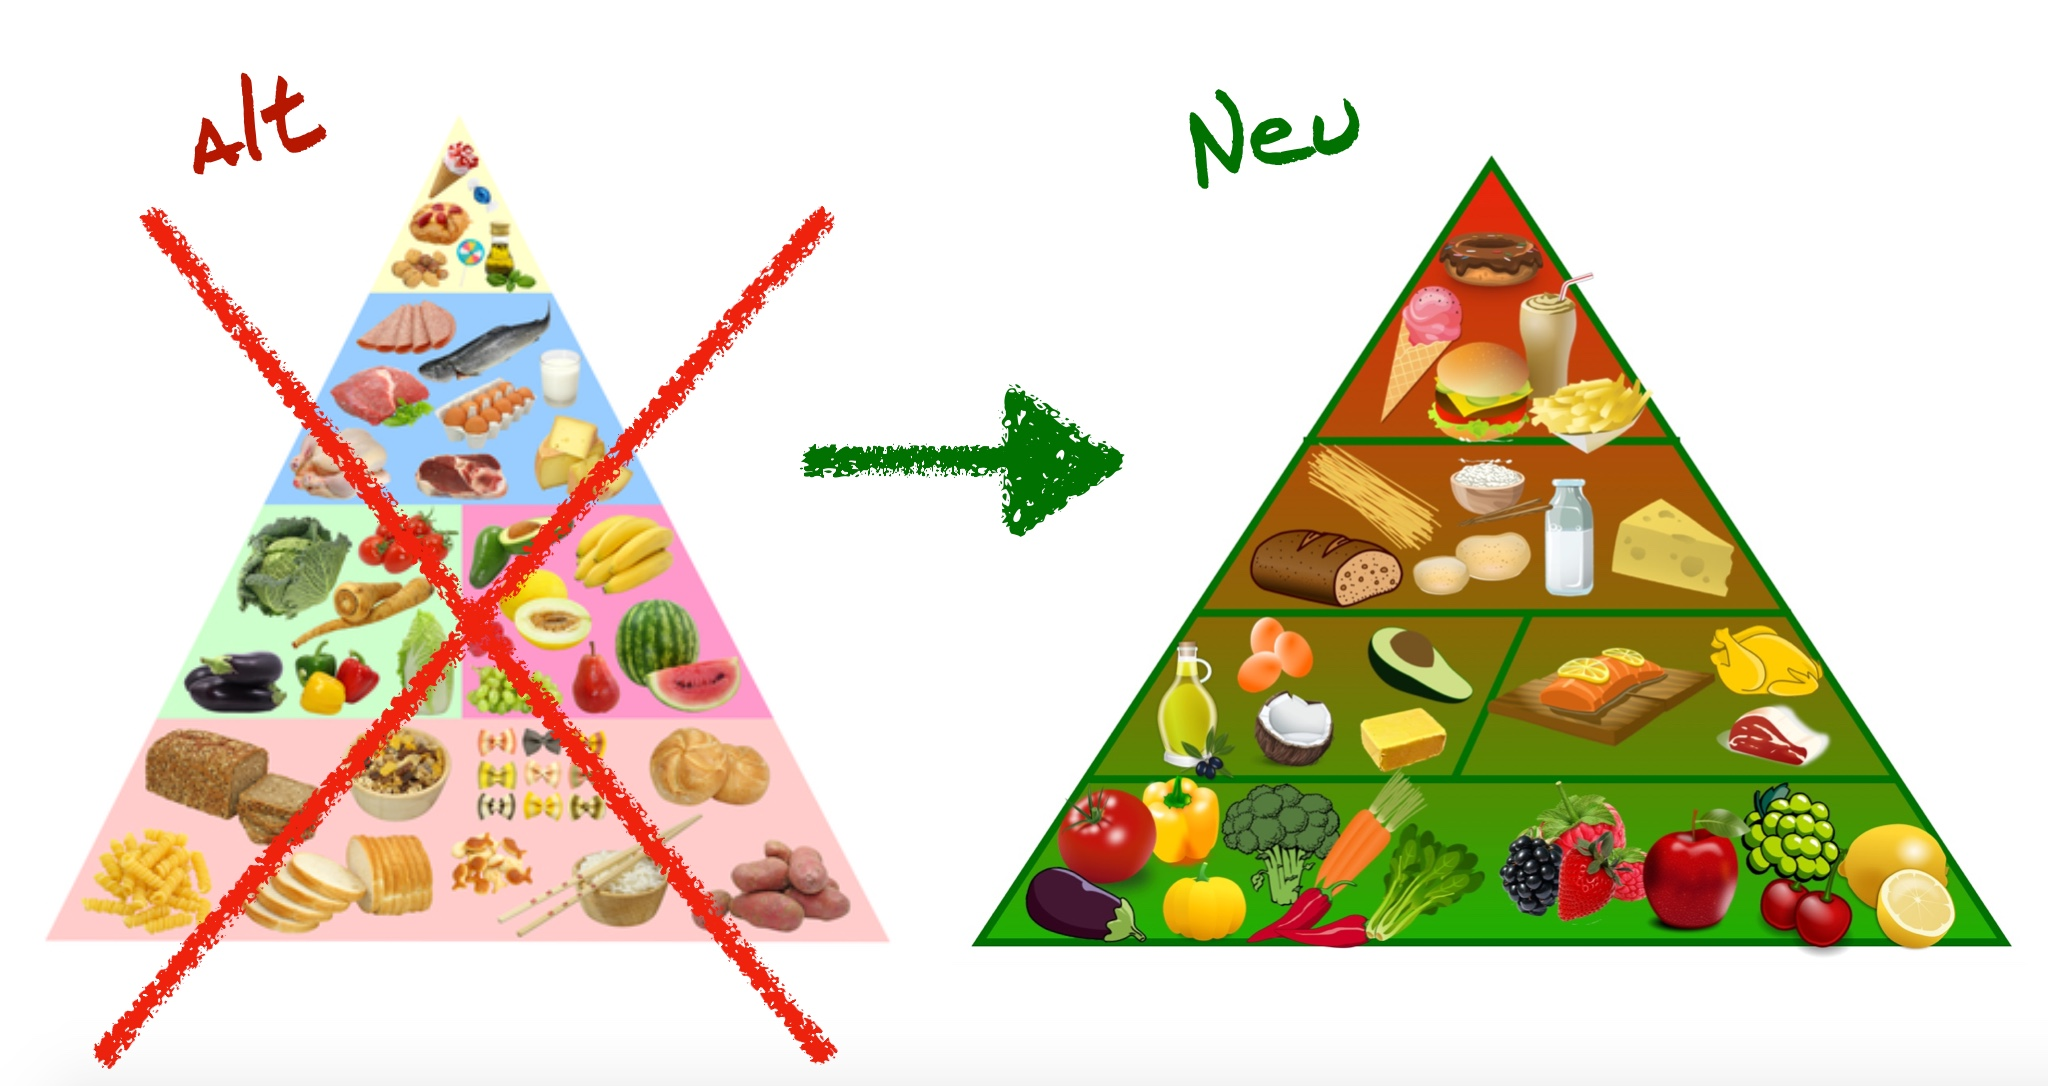 Neue Basis der Ernährungspyramide – Irreführung oder logische Erklärung?